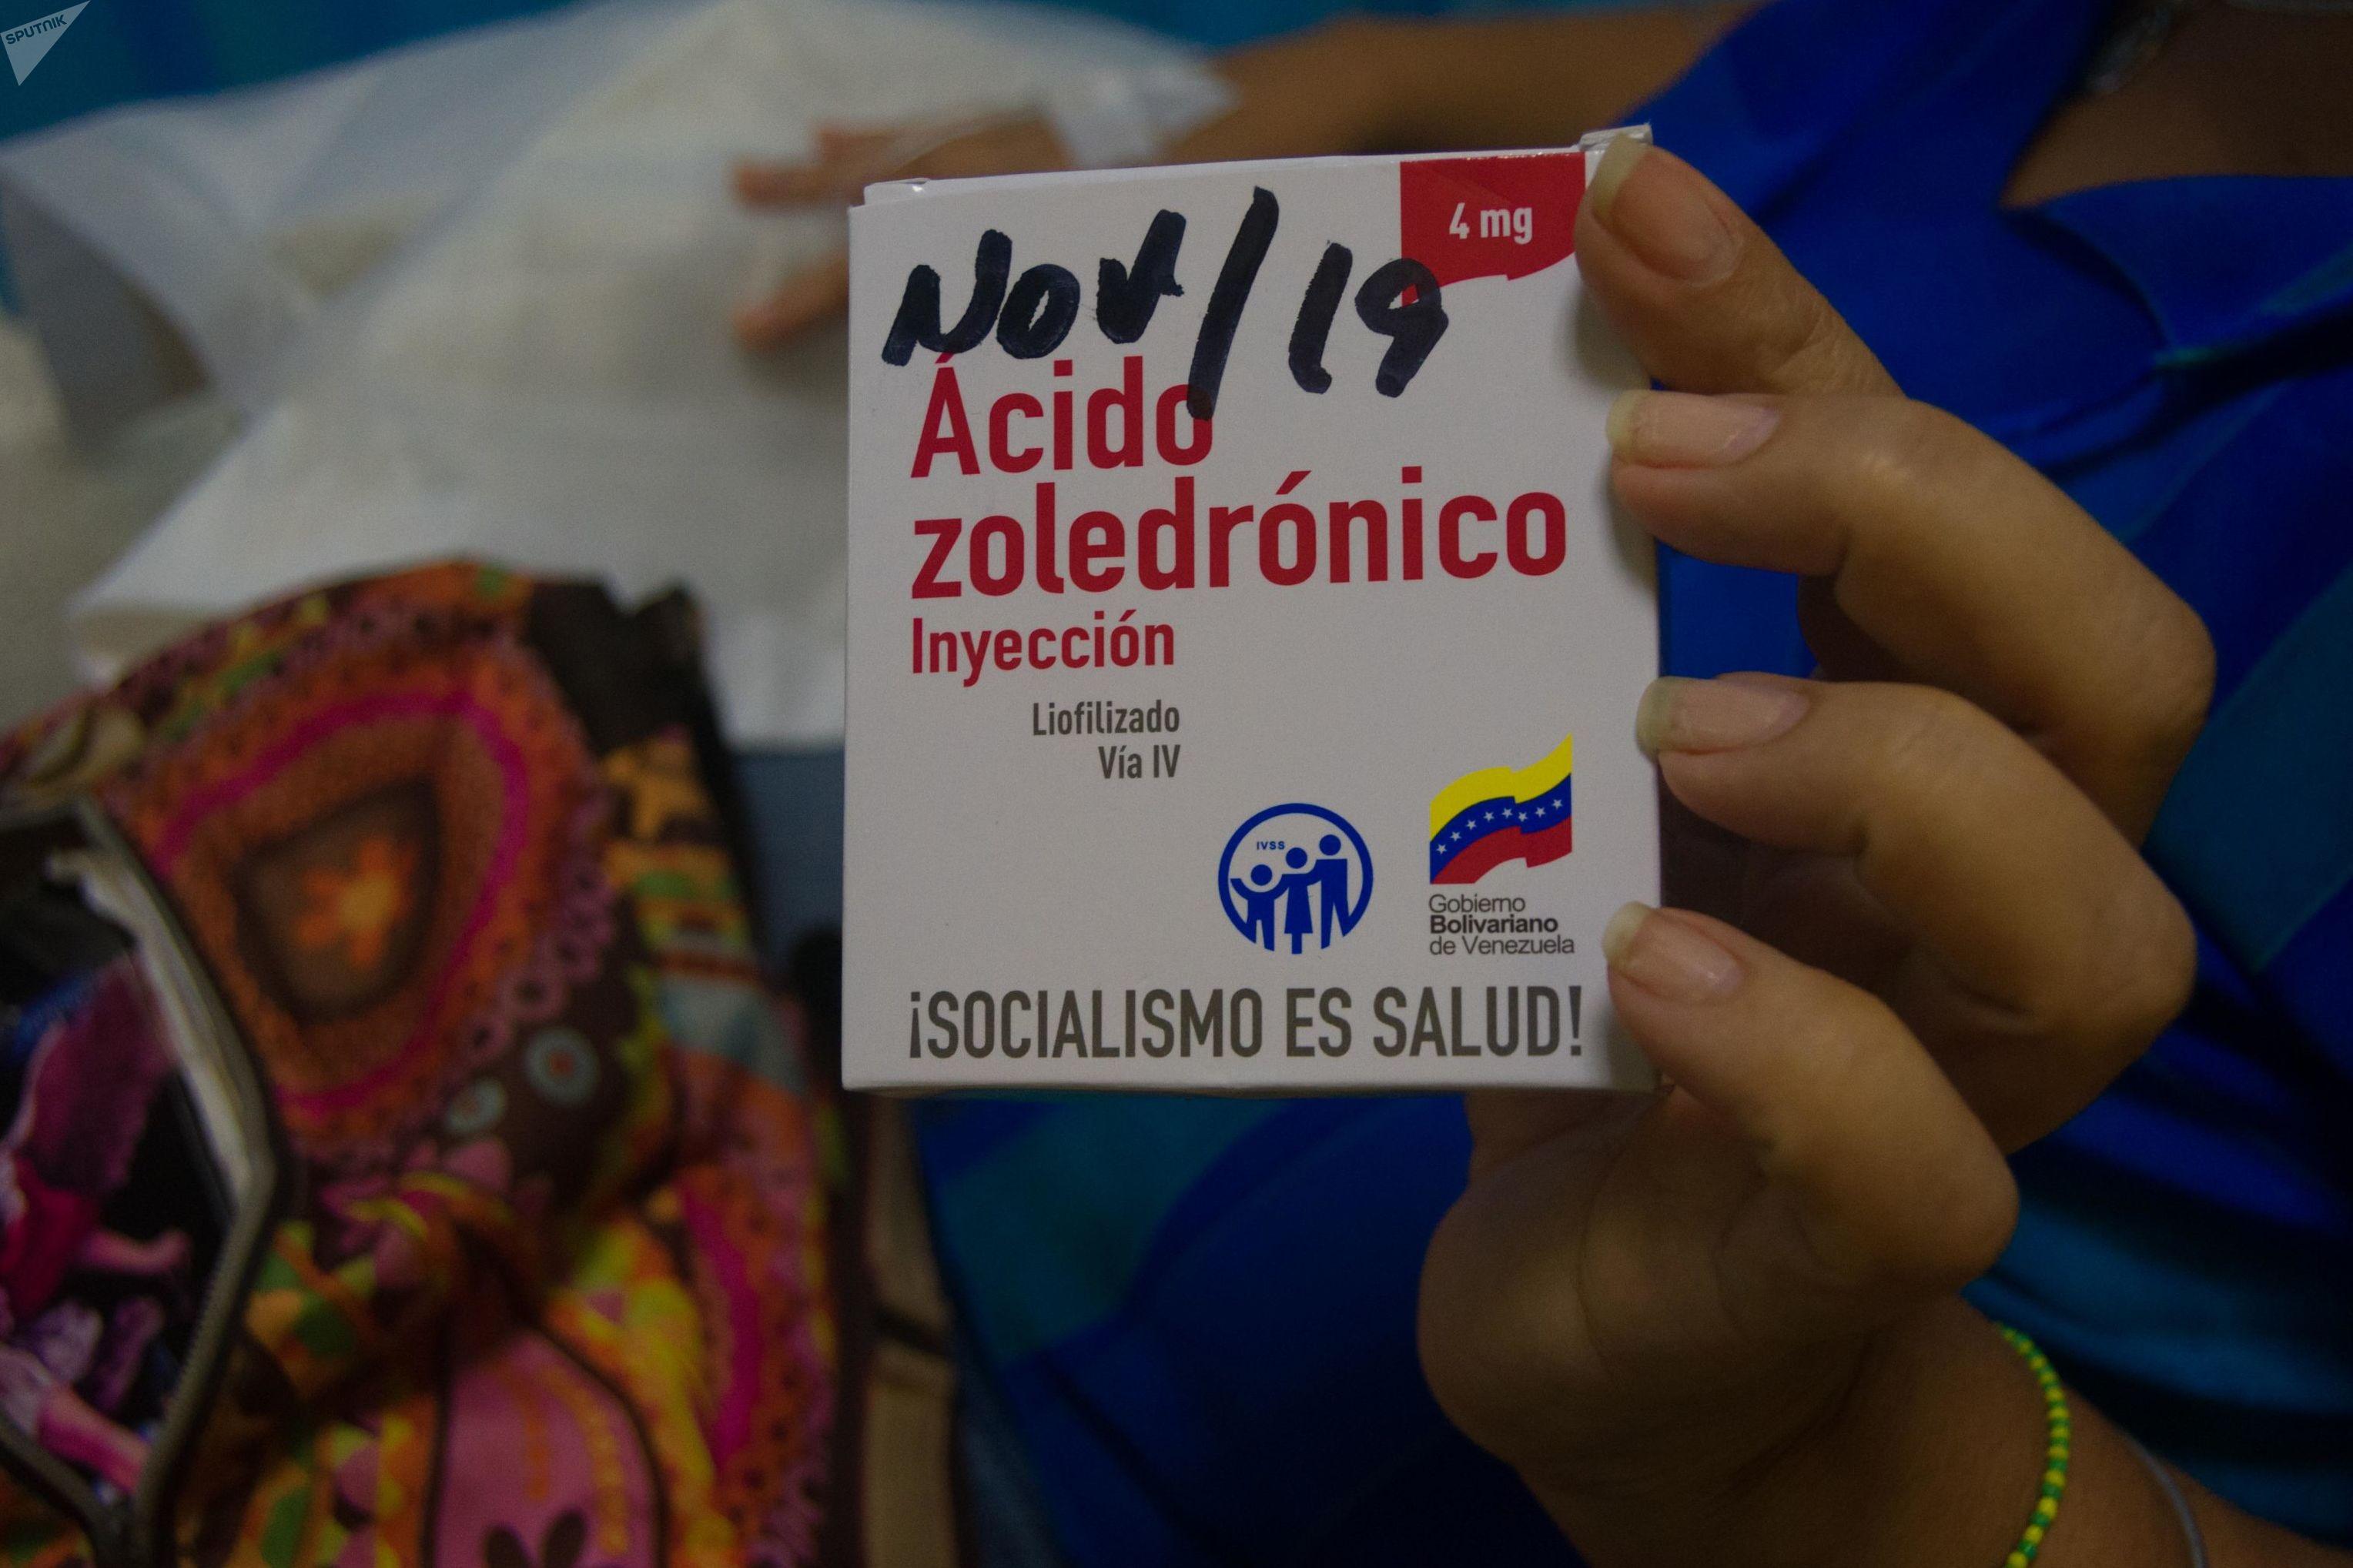 Pacientes llevan sus tratamientos entregados de forma gratuita por el Seguro Social venezolano y tienen la opción de pagar un costo inferior al de las clínicas privadas para colocárselos